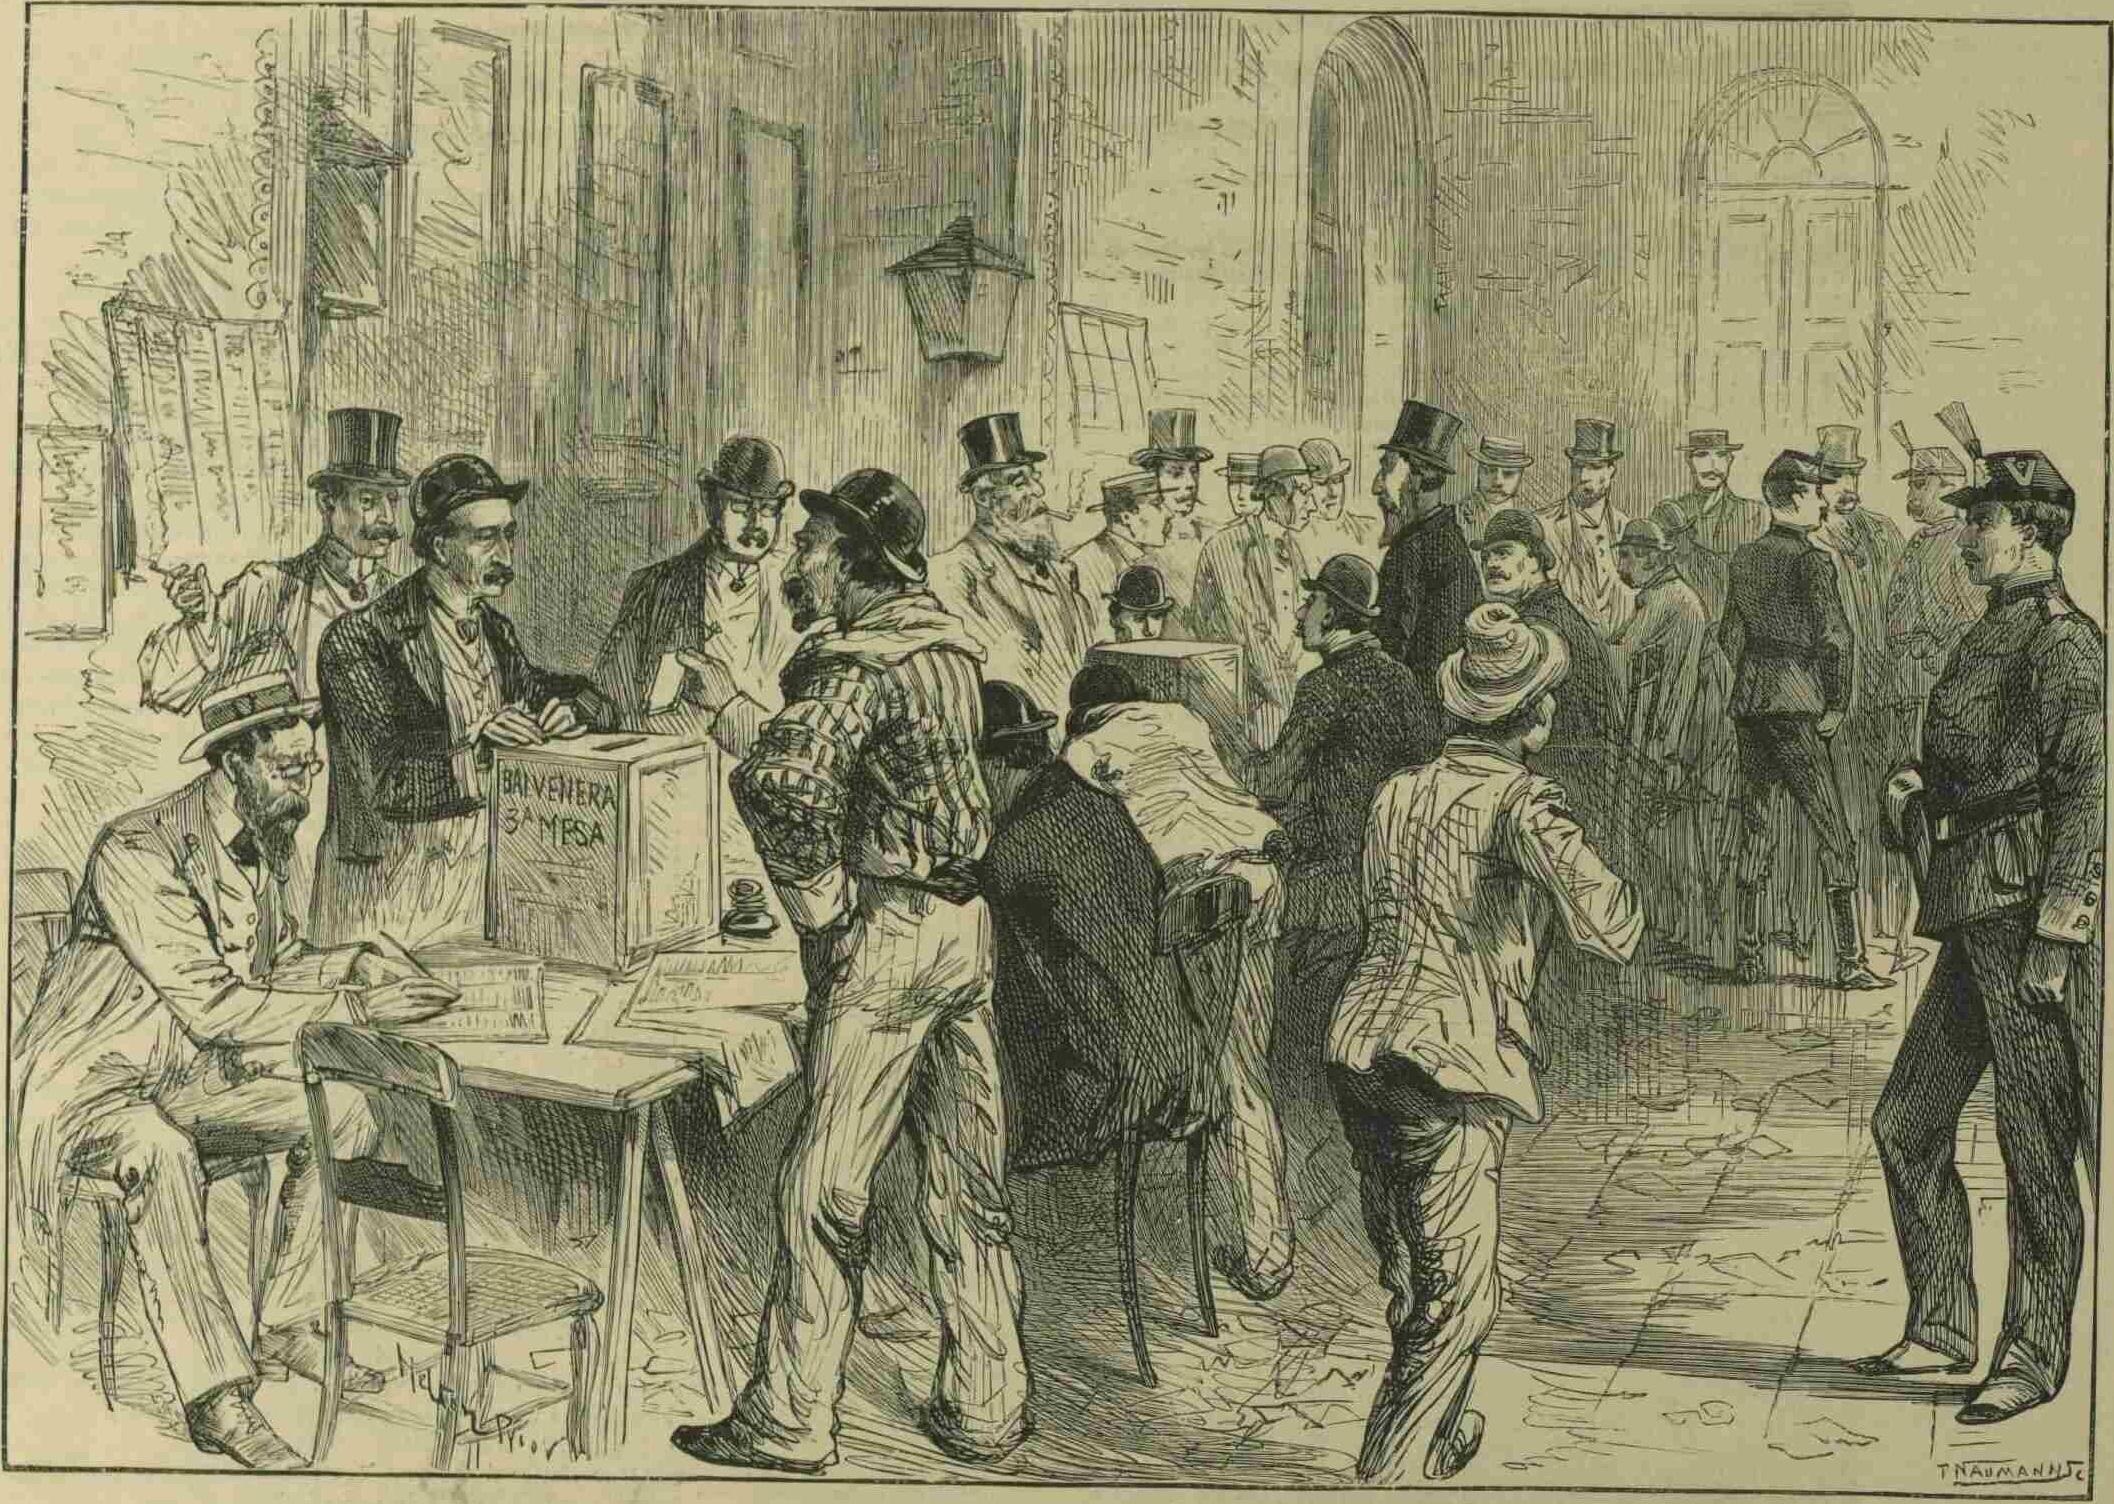 Elecciones en Buenos Aires, de Meltron Prior, 1892